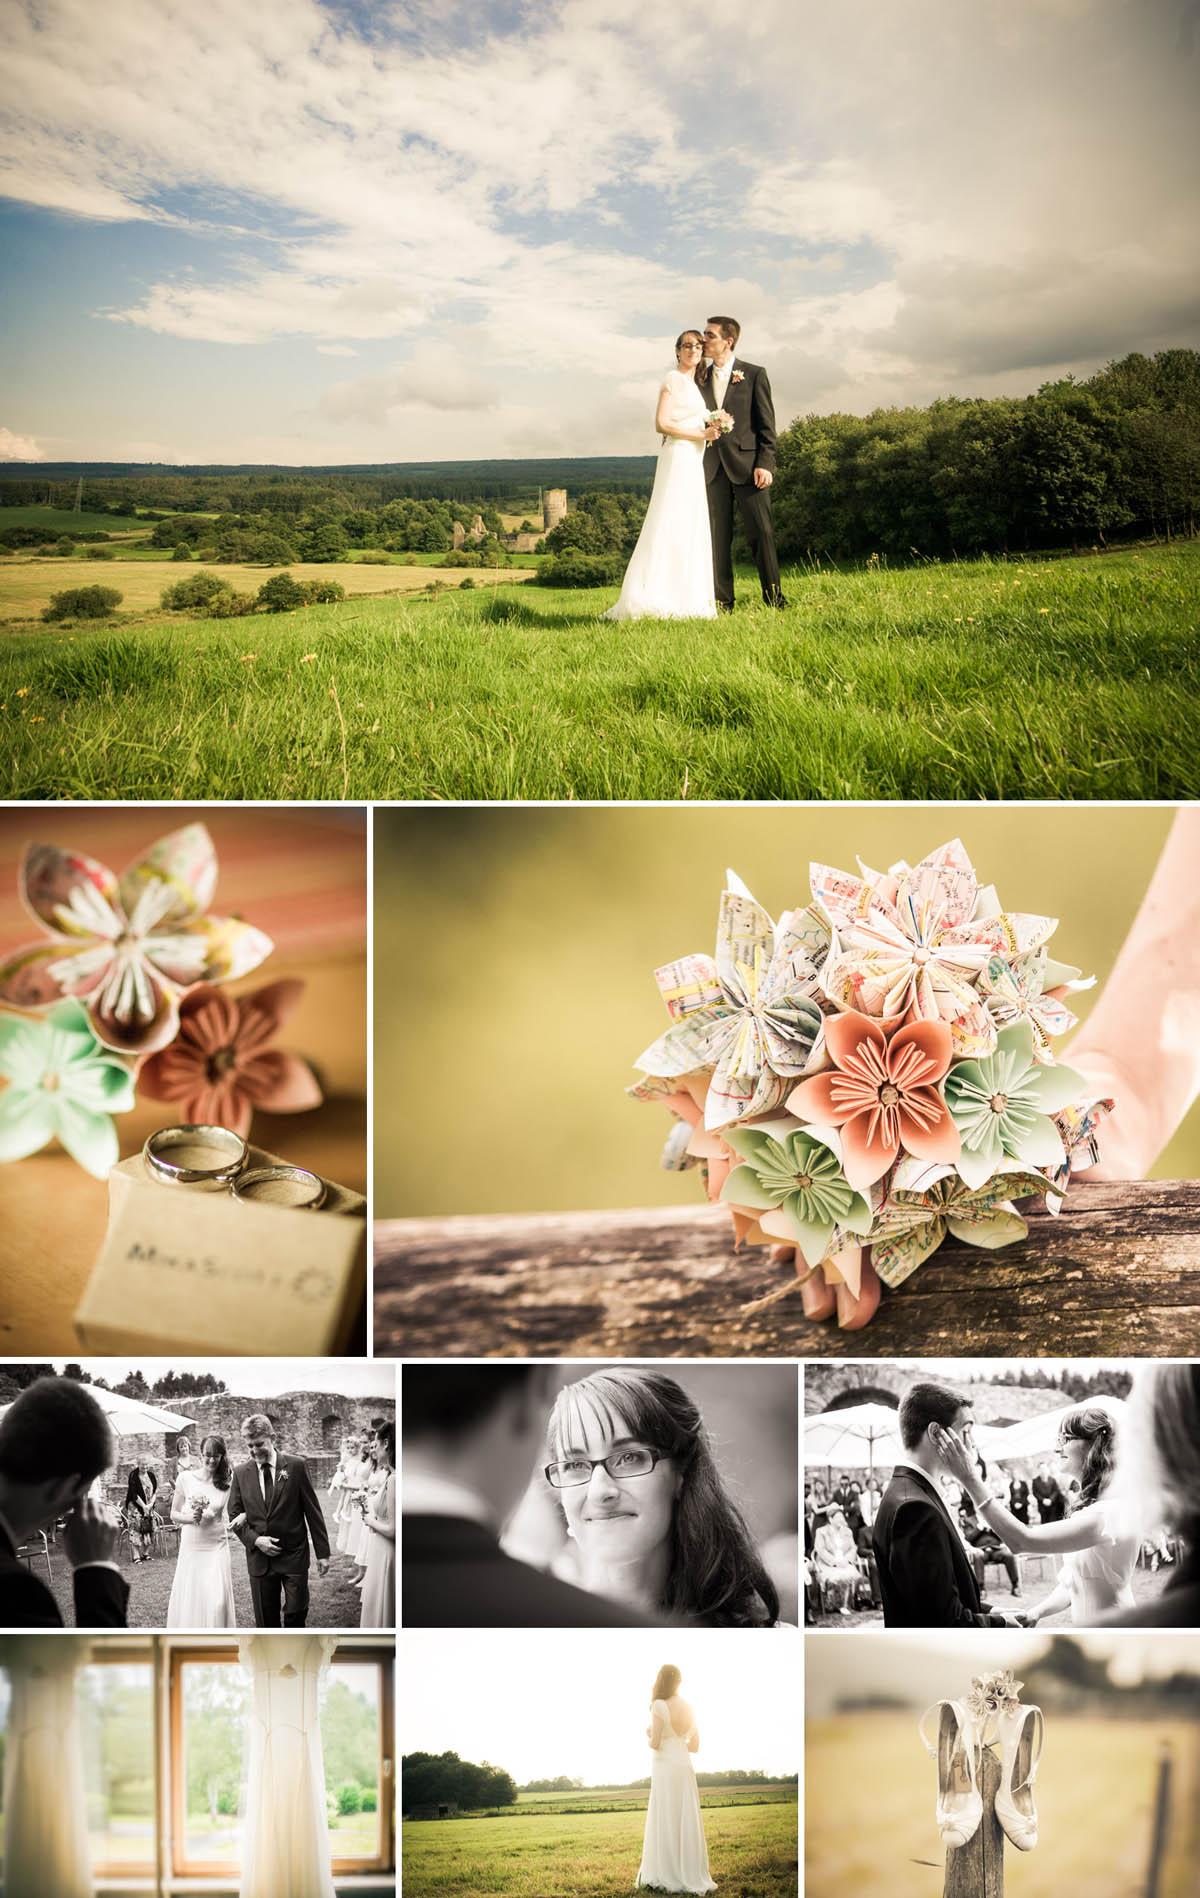 Hochzeitsfotografie Matthias Friel - 2012 Momente